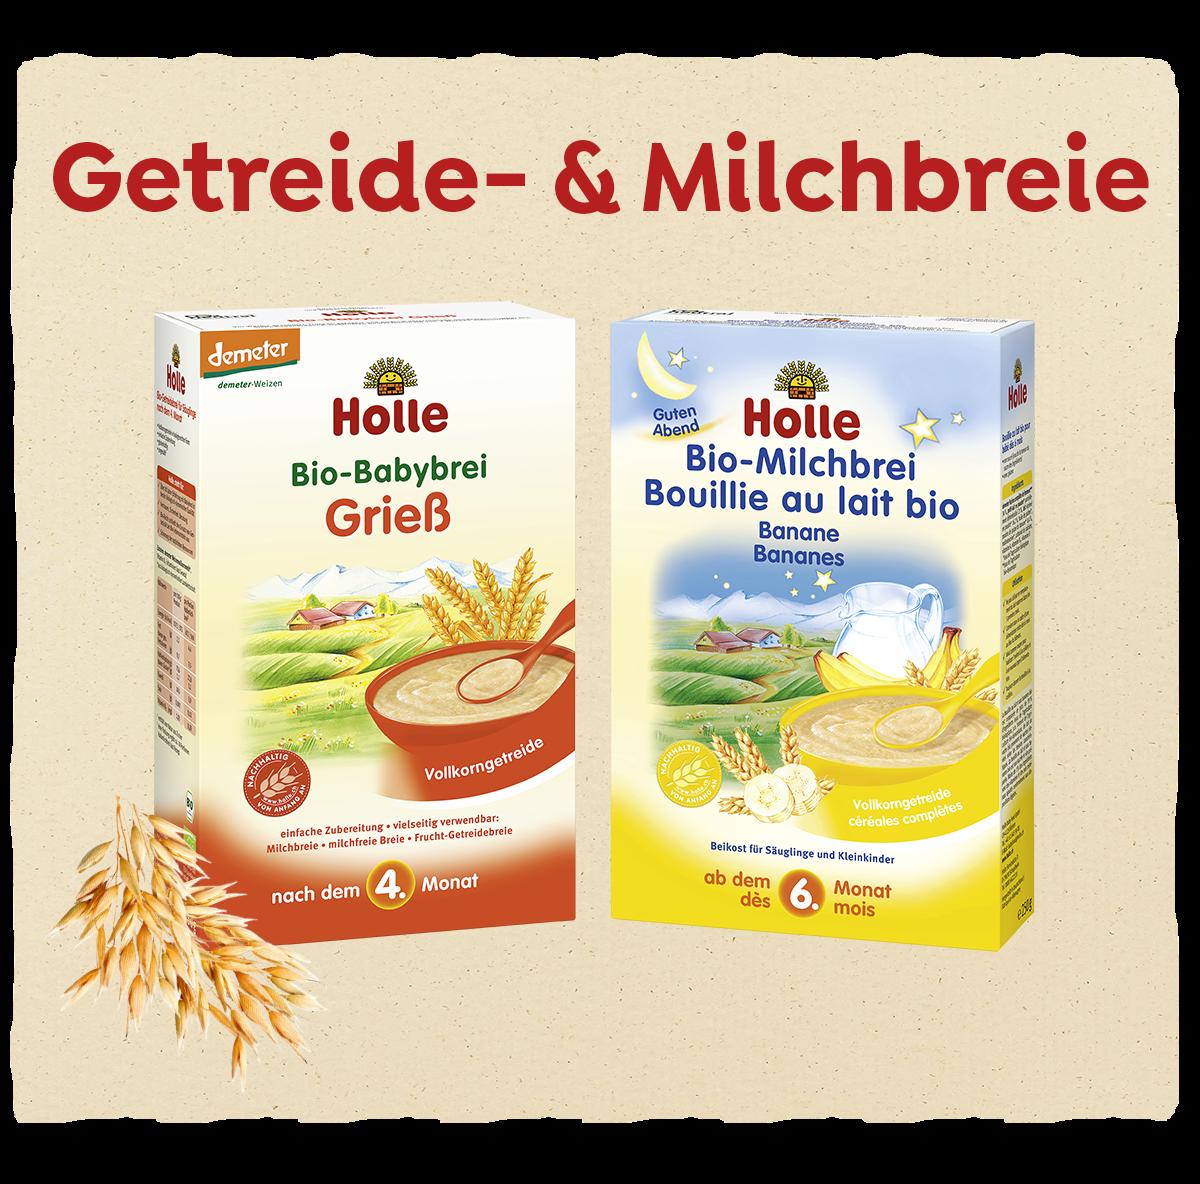 Zur Kategorie Getreide & Milchbreie